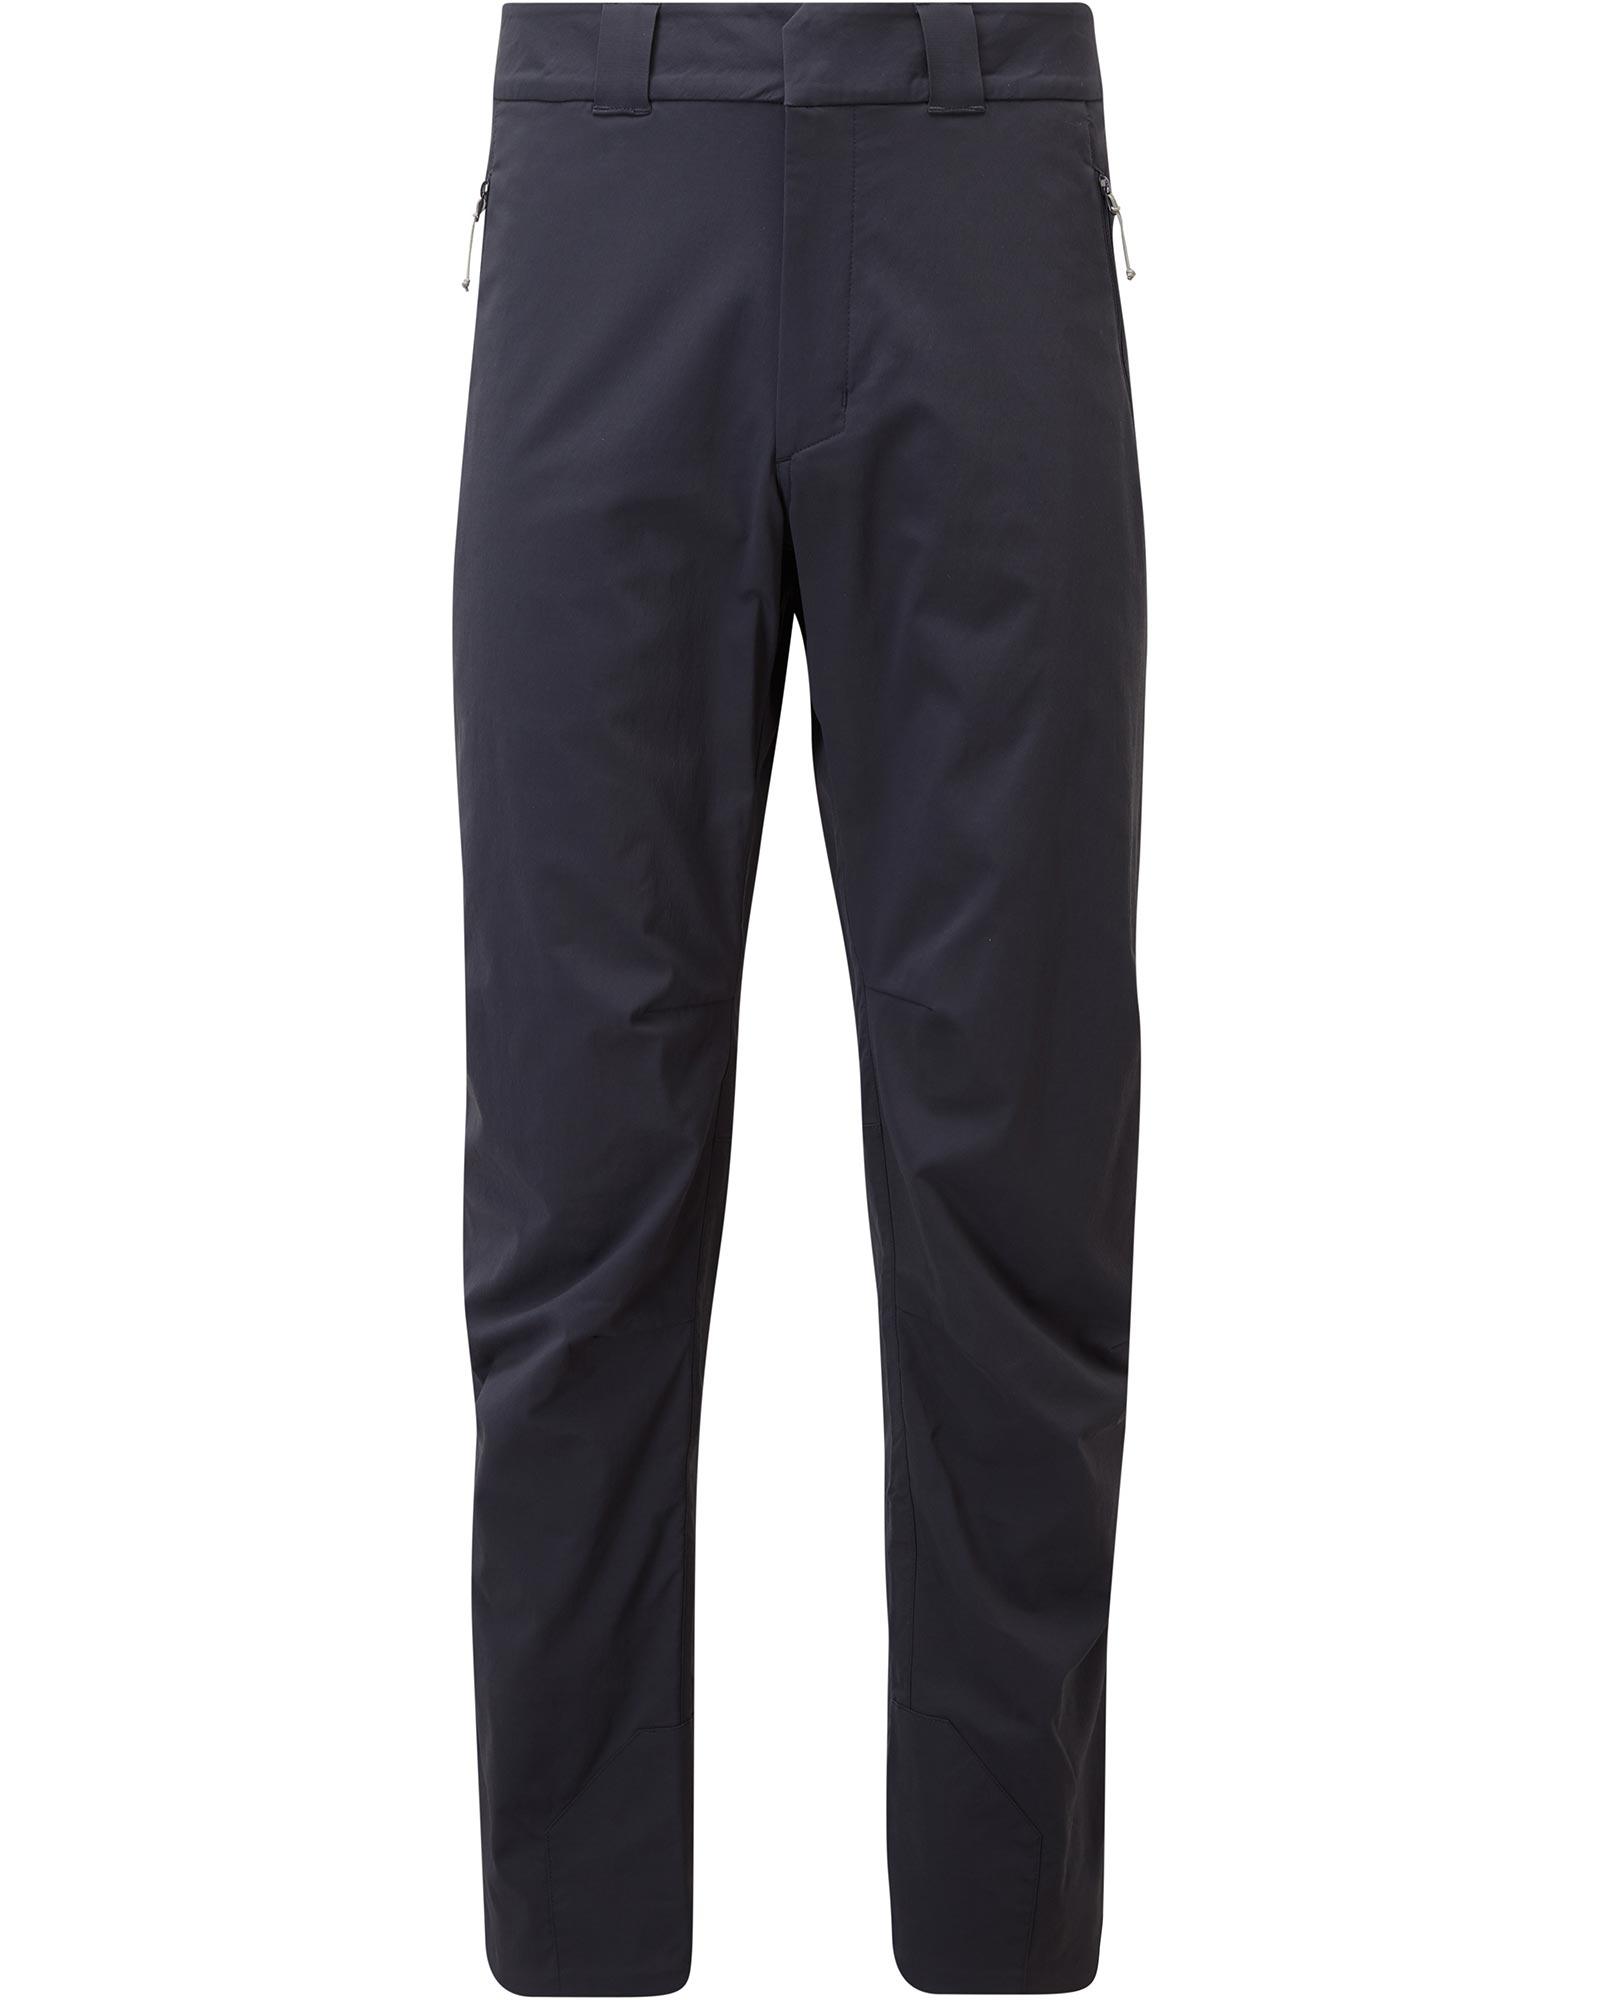 Rab Men's Incline Vapour-Rise Pants 0